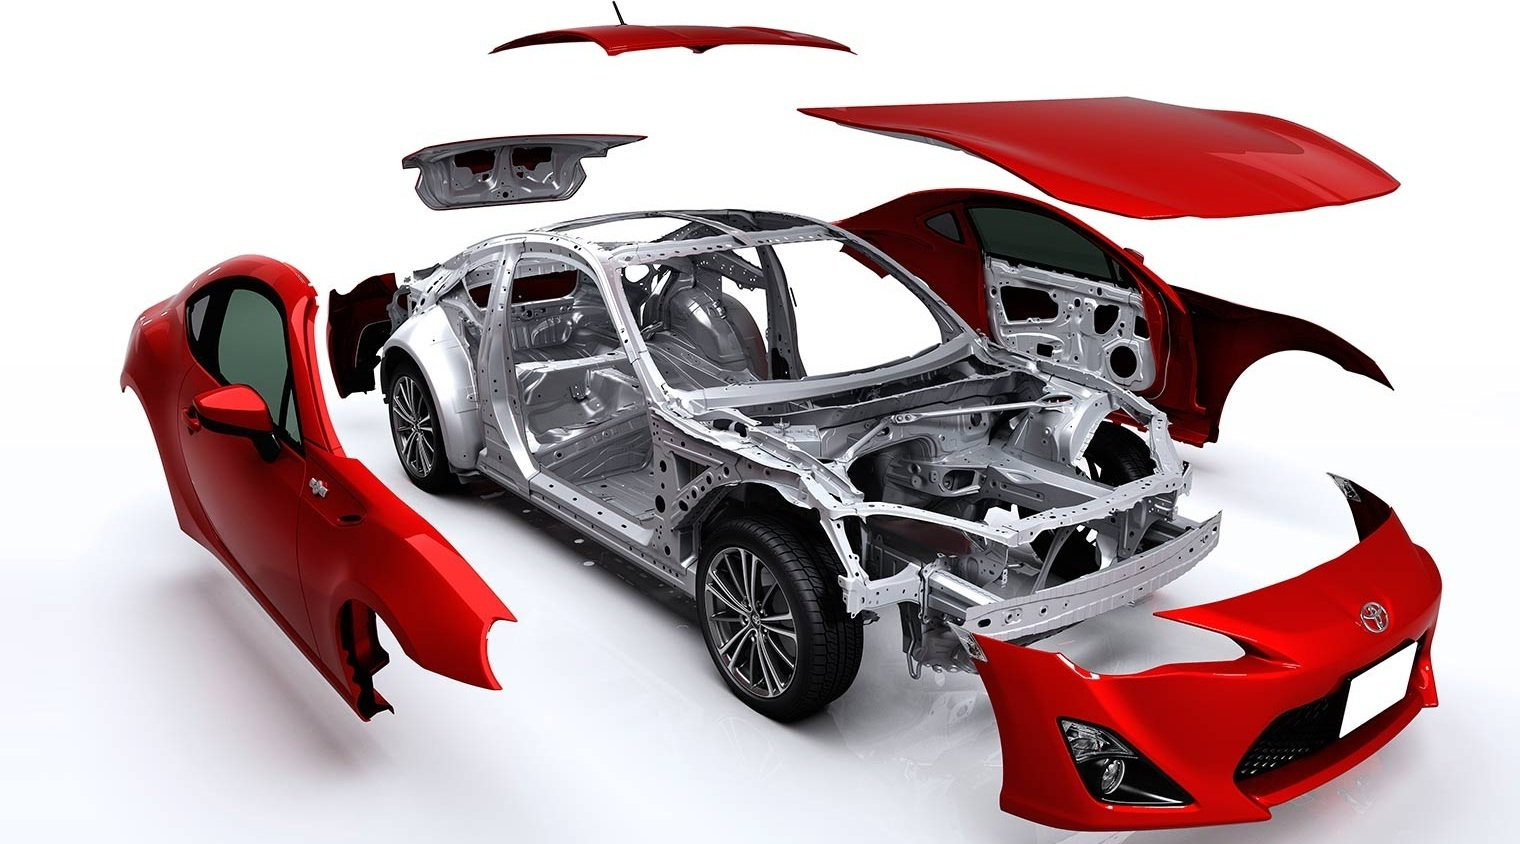 Riparo Auto: качественный кузовной ремонт и покраска авто в быстрые сроки